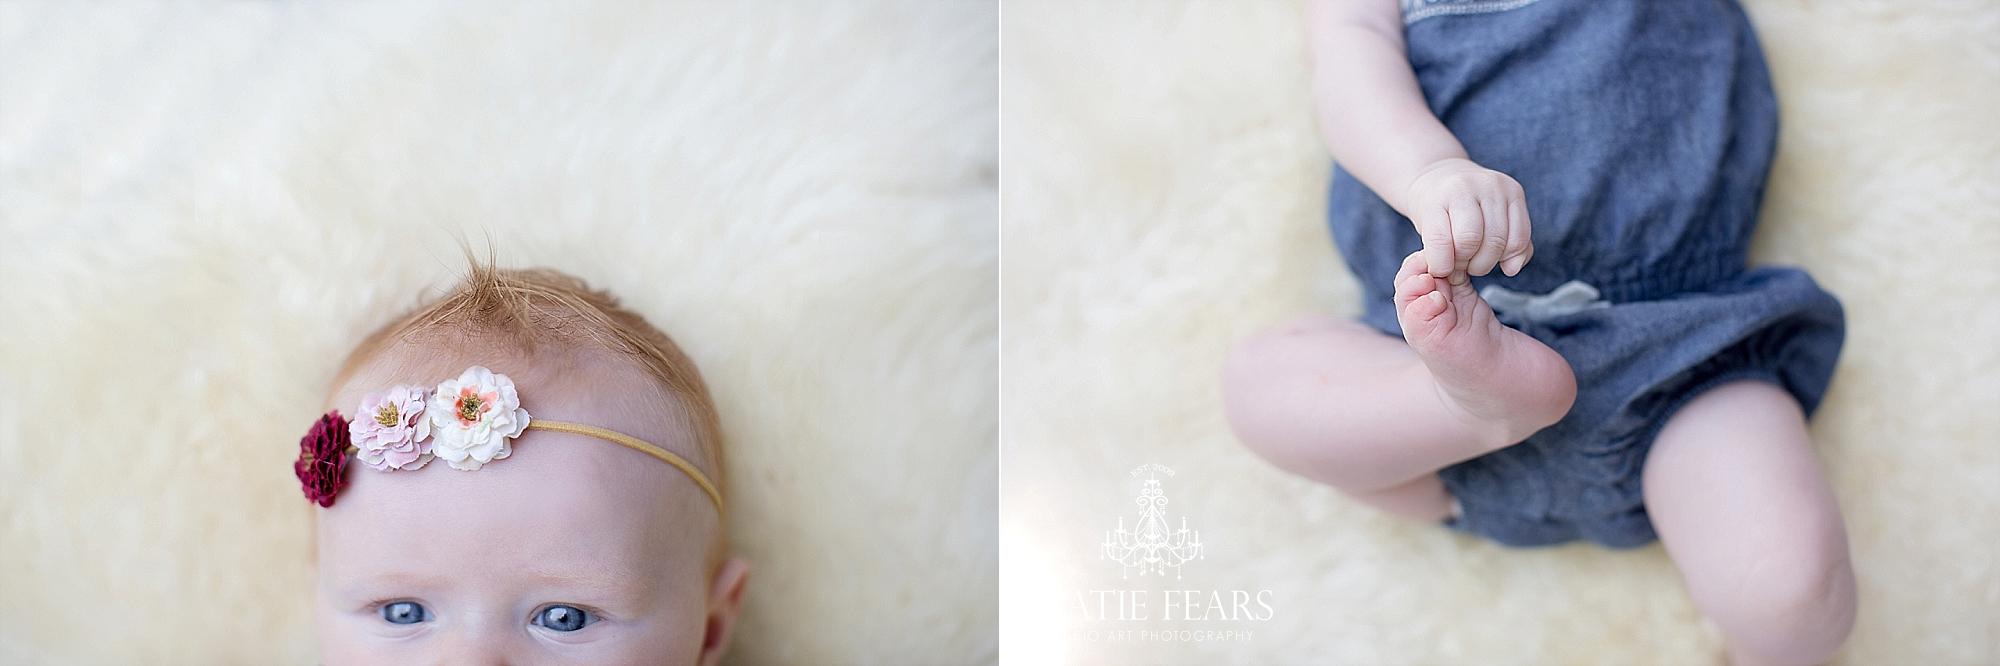 BrioArt-Katelyn 3 months-012_WEB.jpg